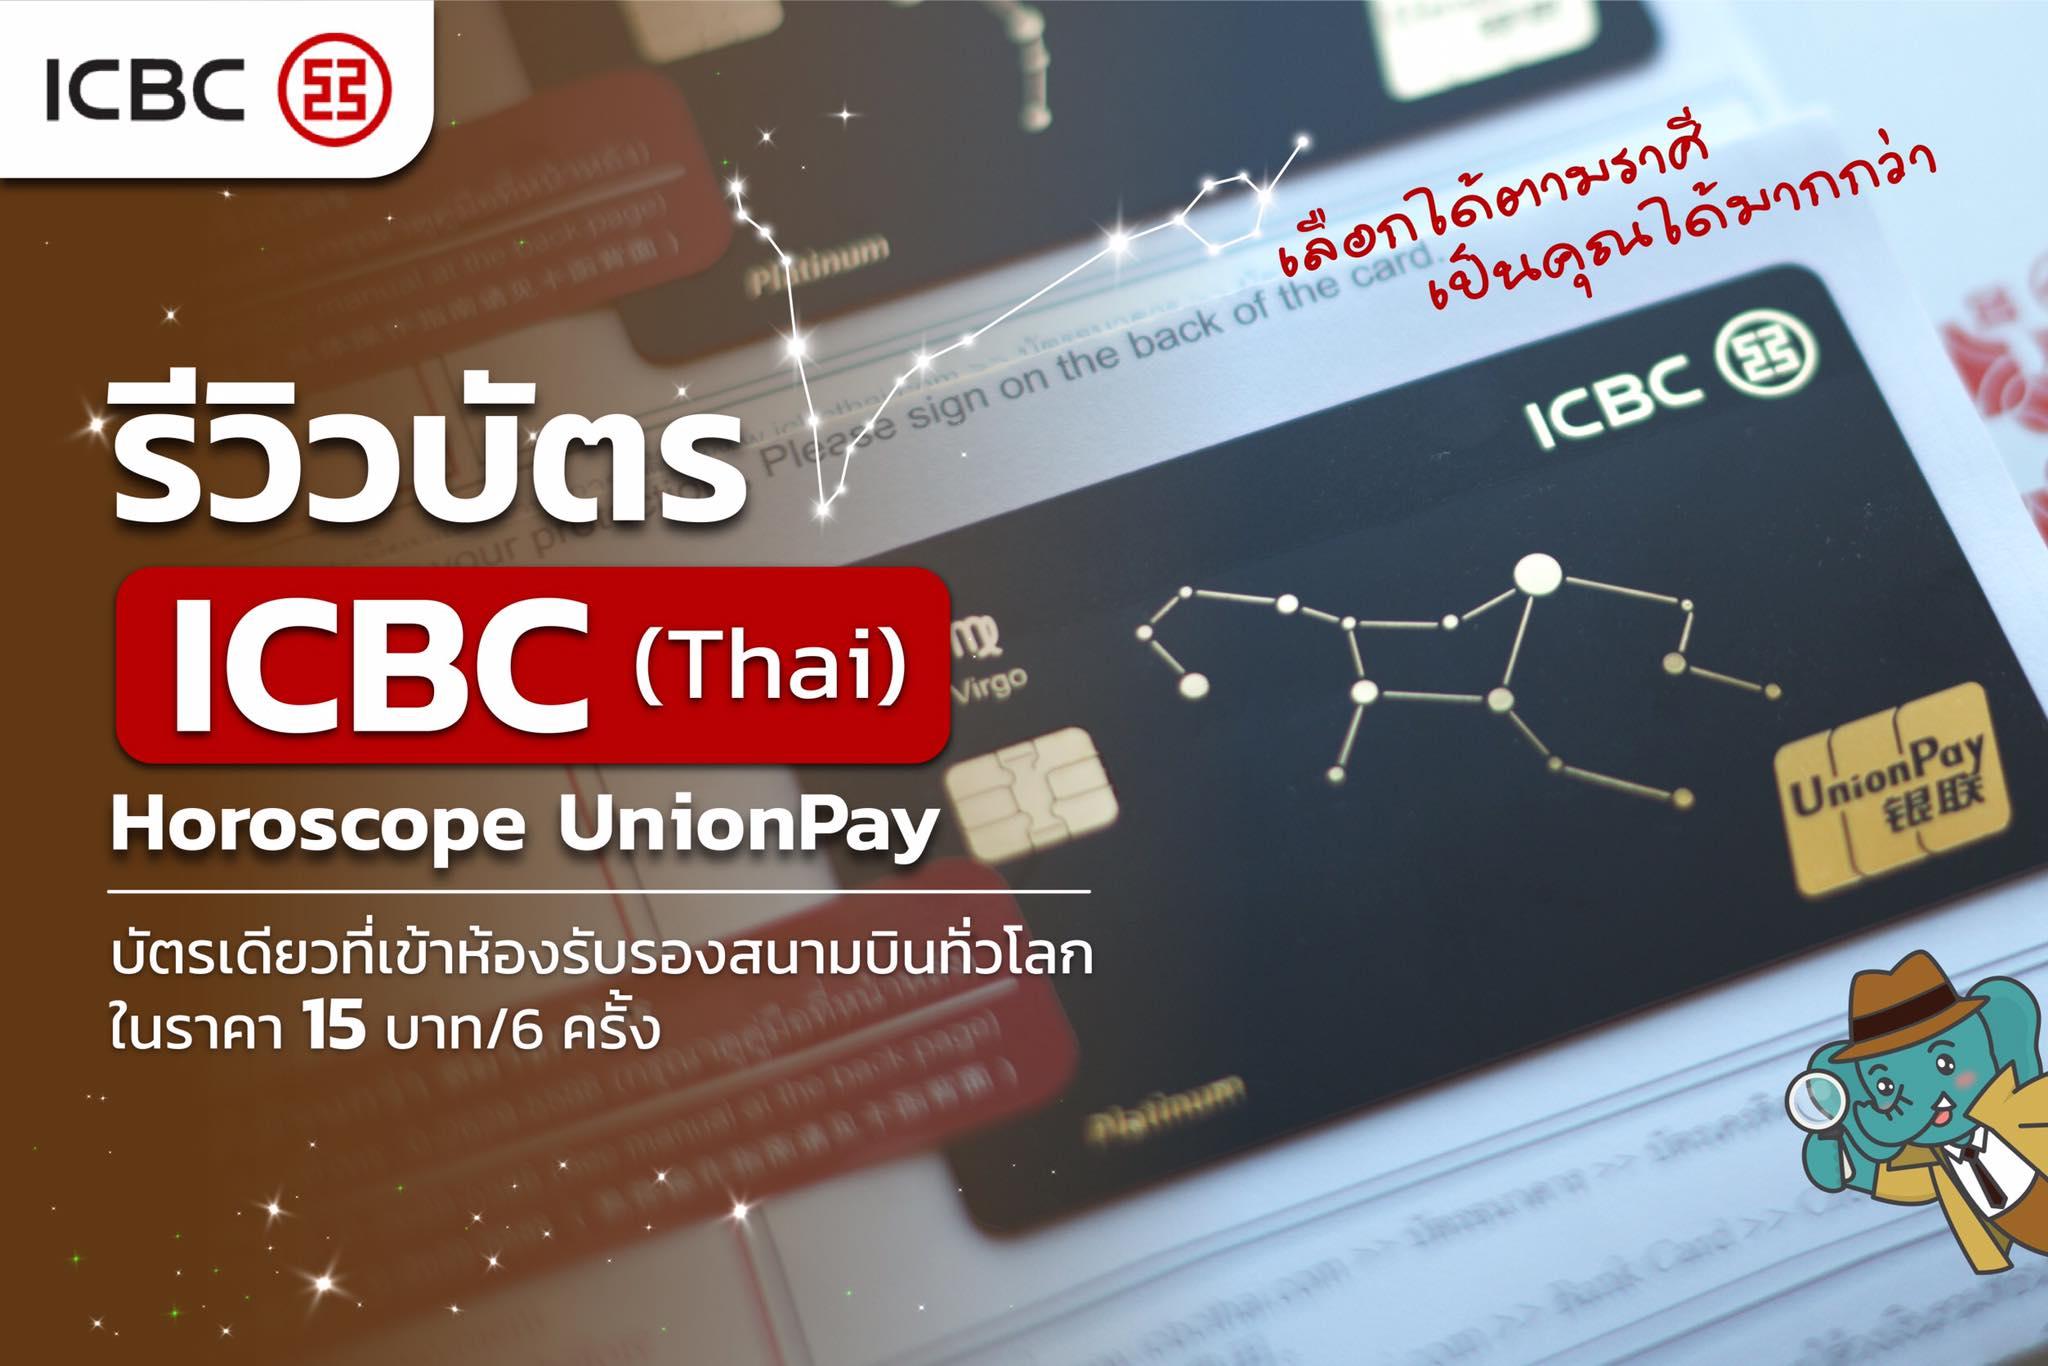 icbc-thai-horoscope-unionpay-platinum